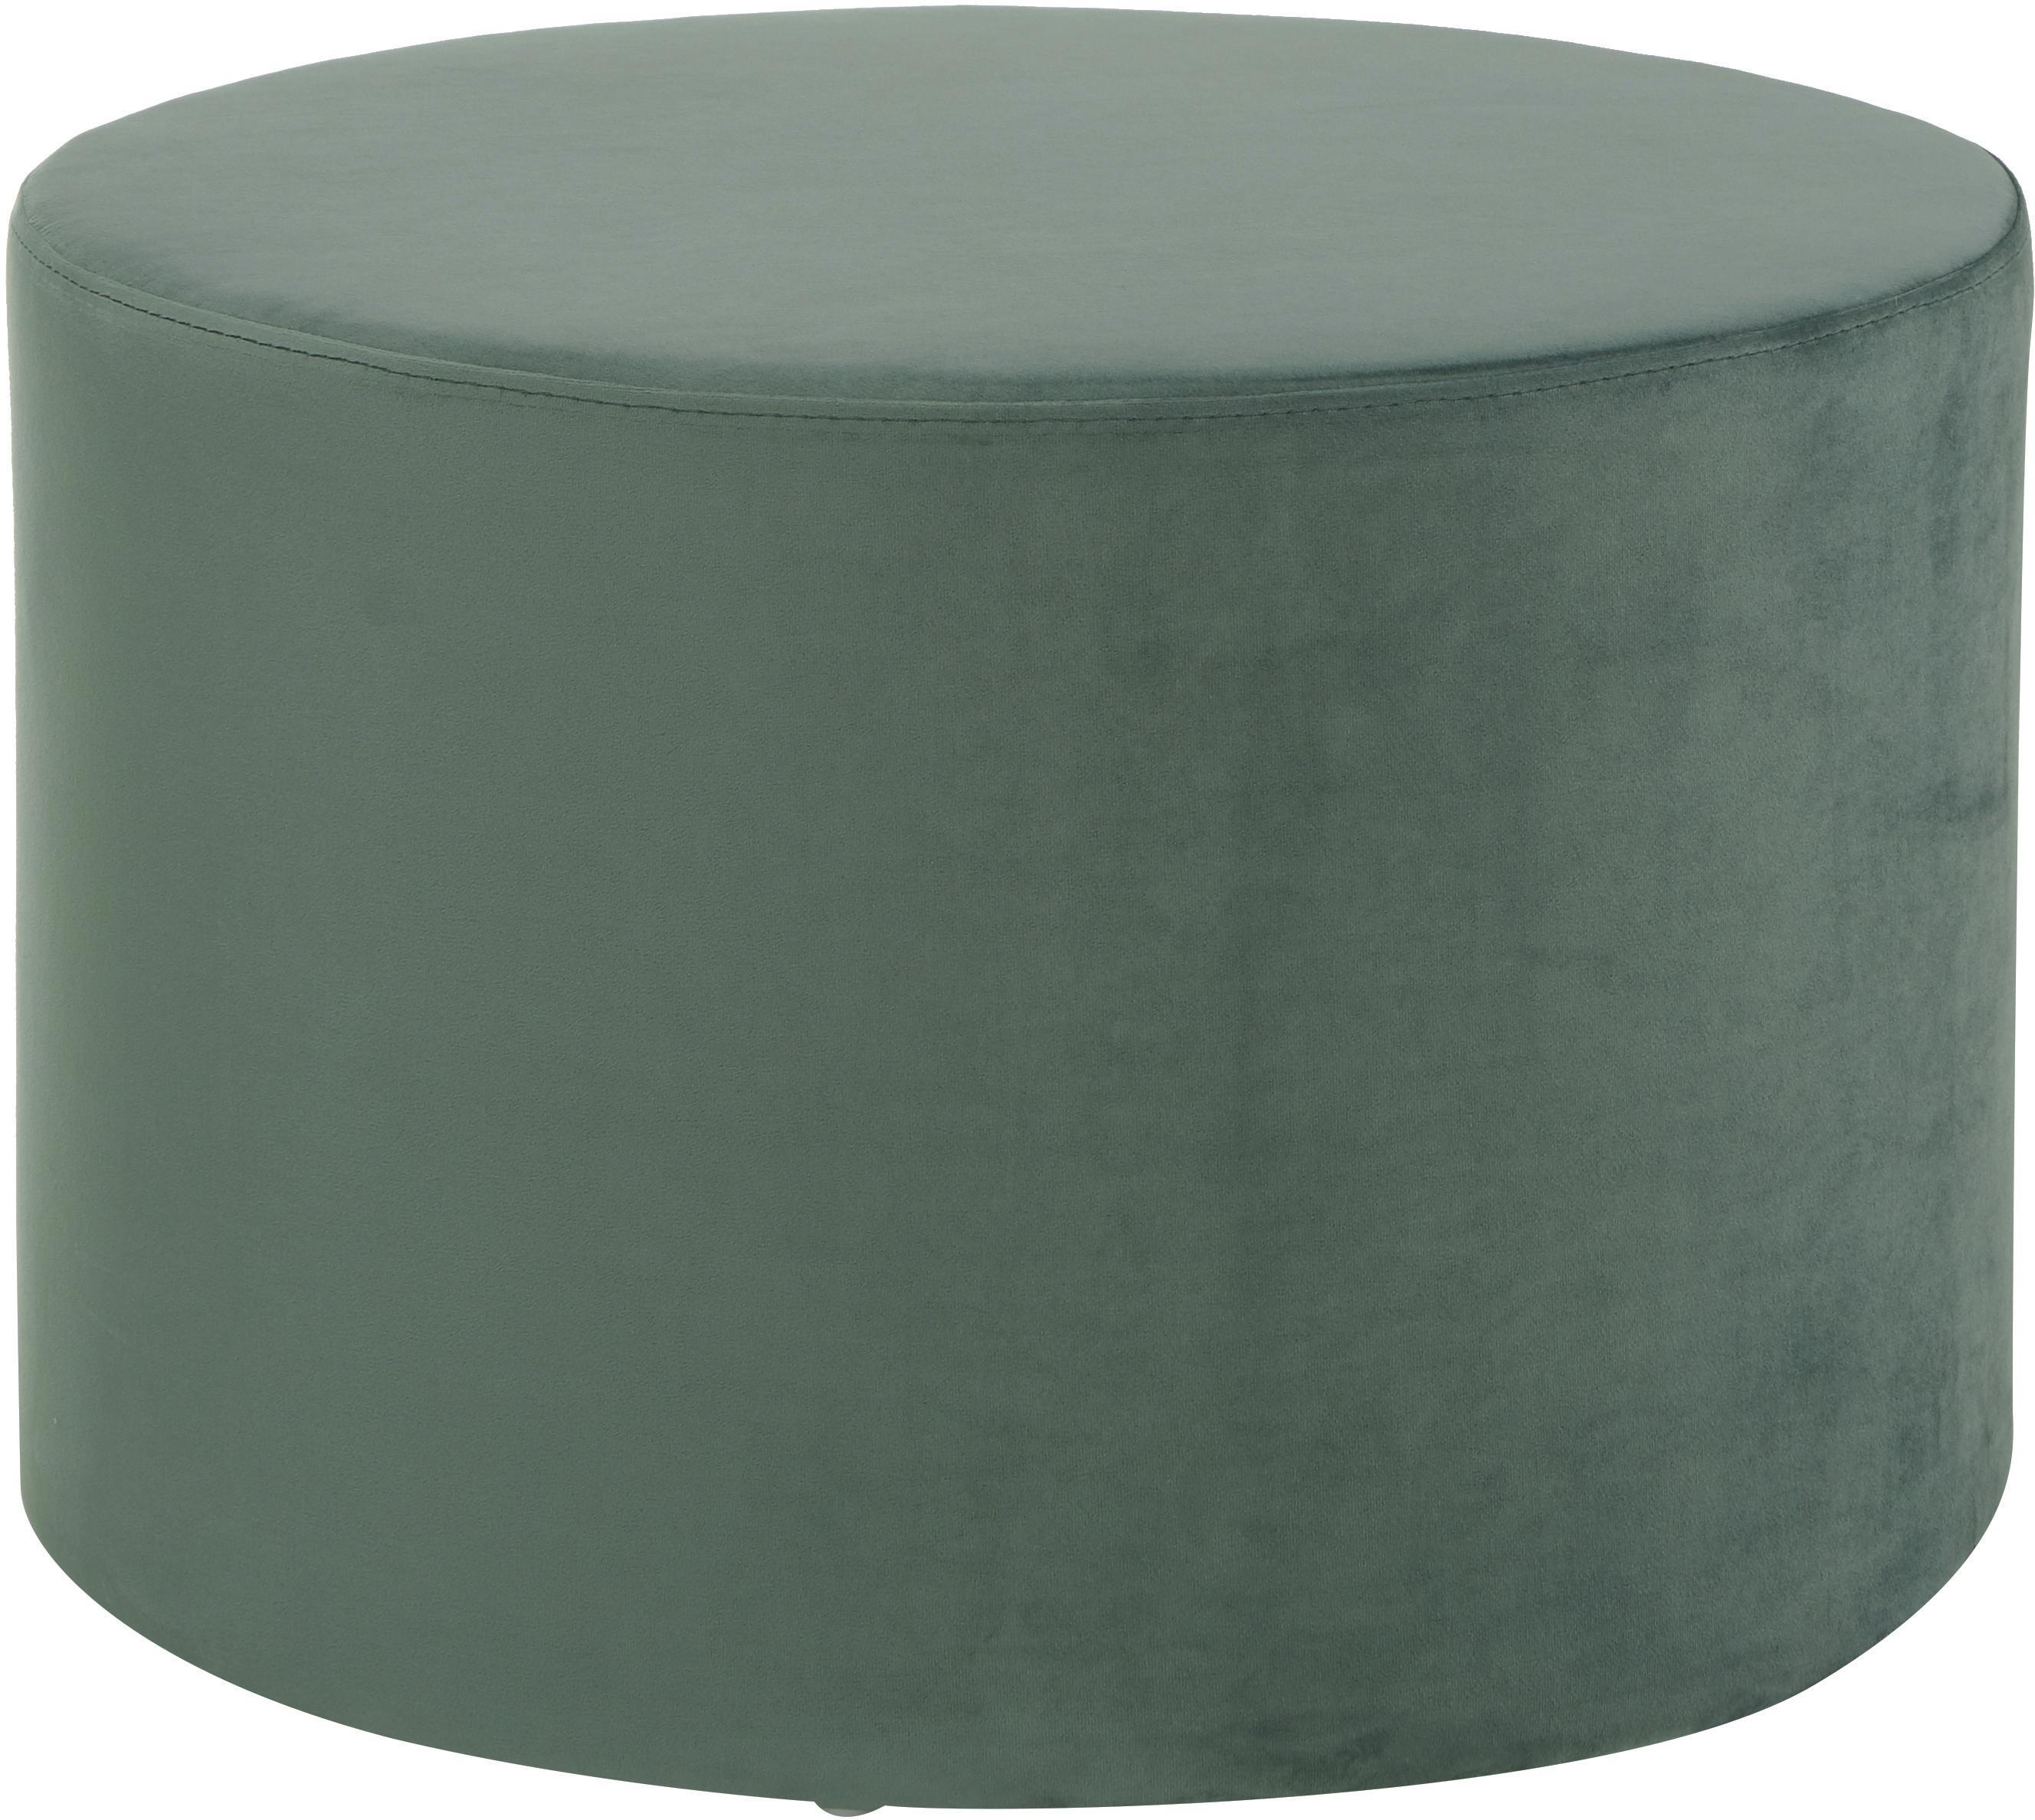 Samt-Hocker Daisy, Bezug: Samt (Polyester) Der hoch, Rahmen: Sperrholz, Samt Hellgrün, Ø 54 x H 40 cm